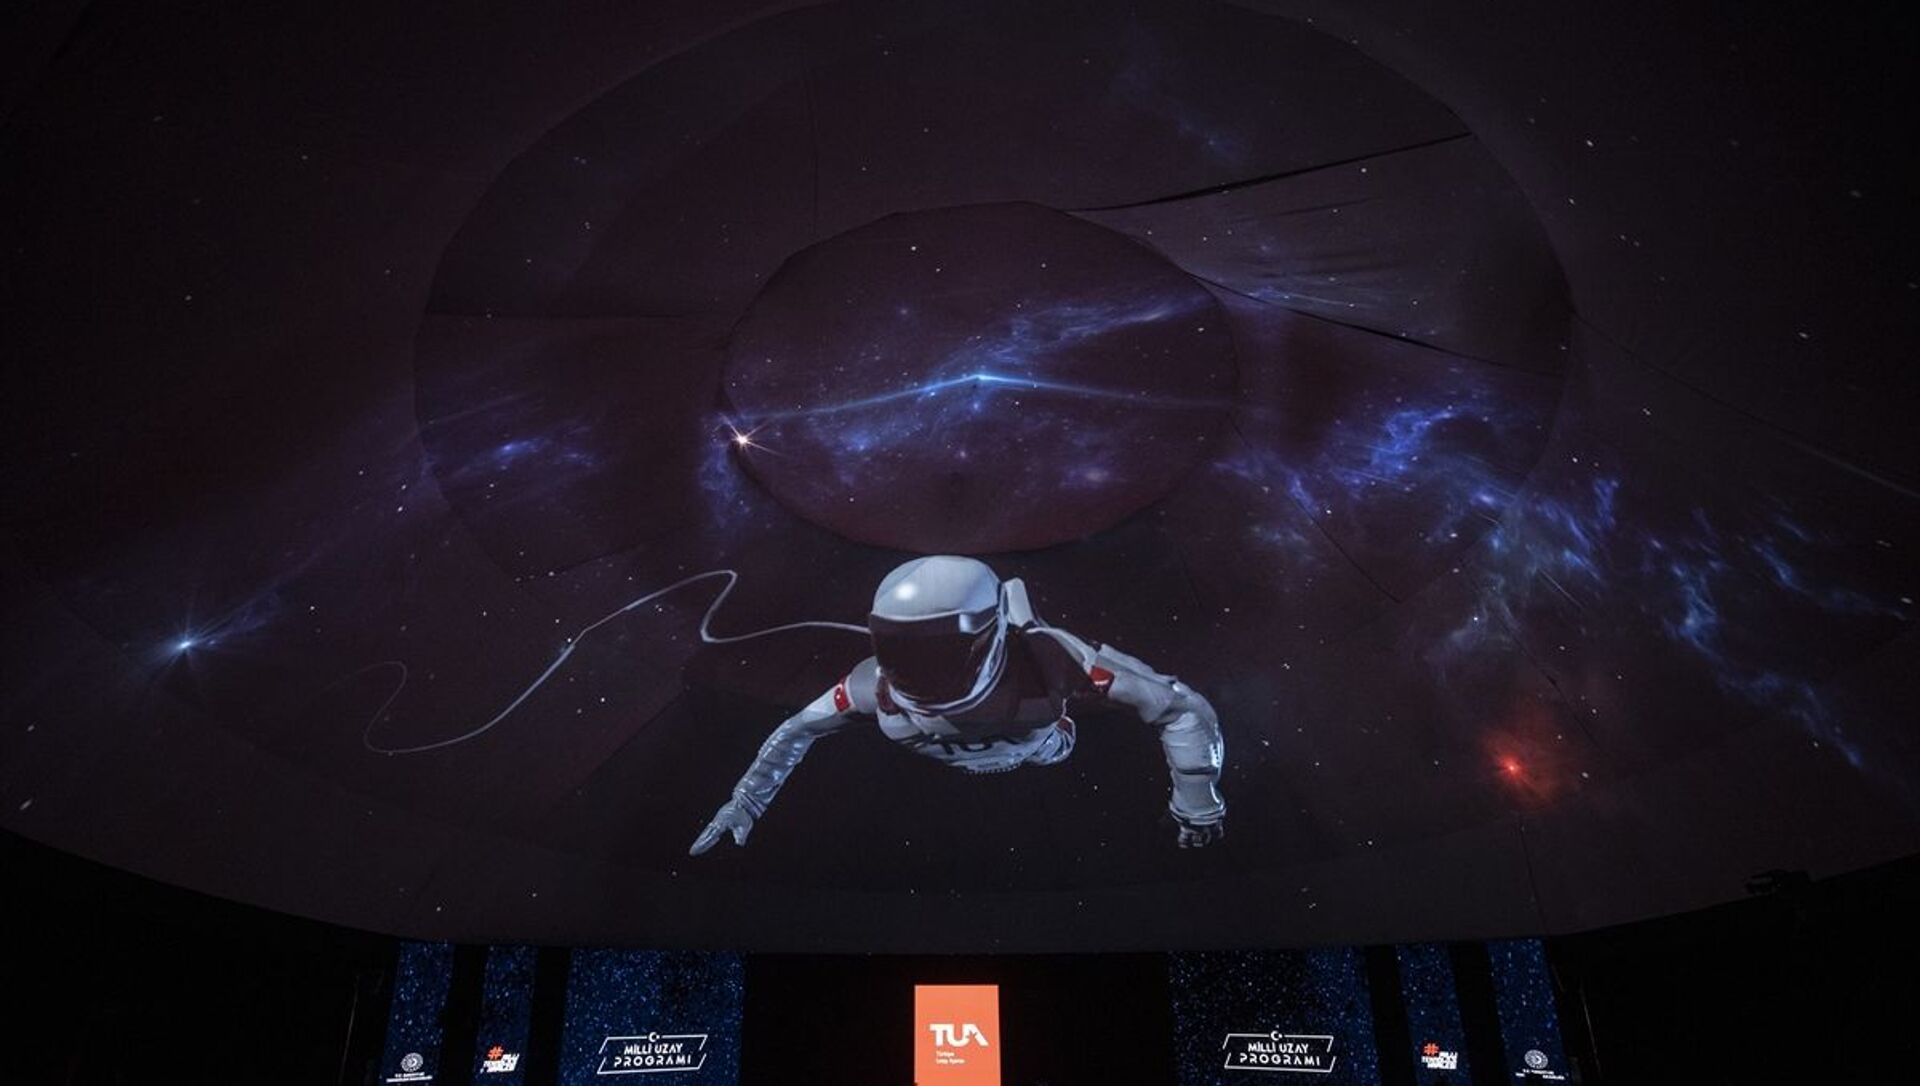 Uzay programında gösterilen temsili Türk astronot - Sputnik Türkiye, 1920, 12.02.2021